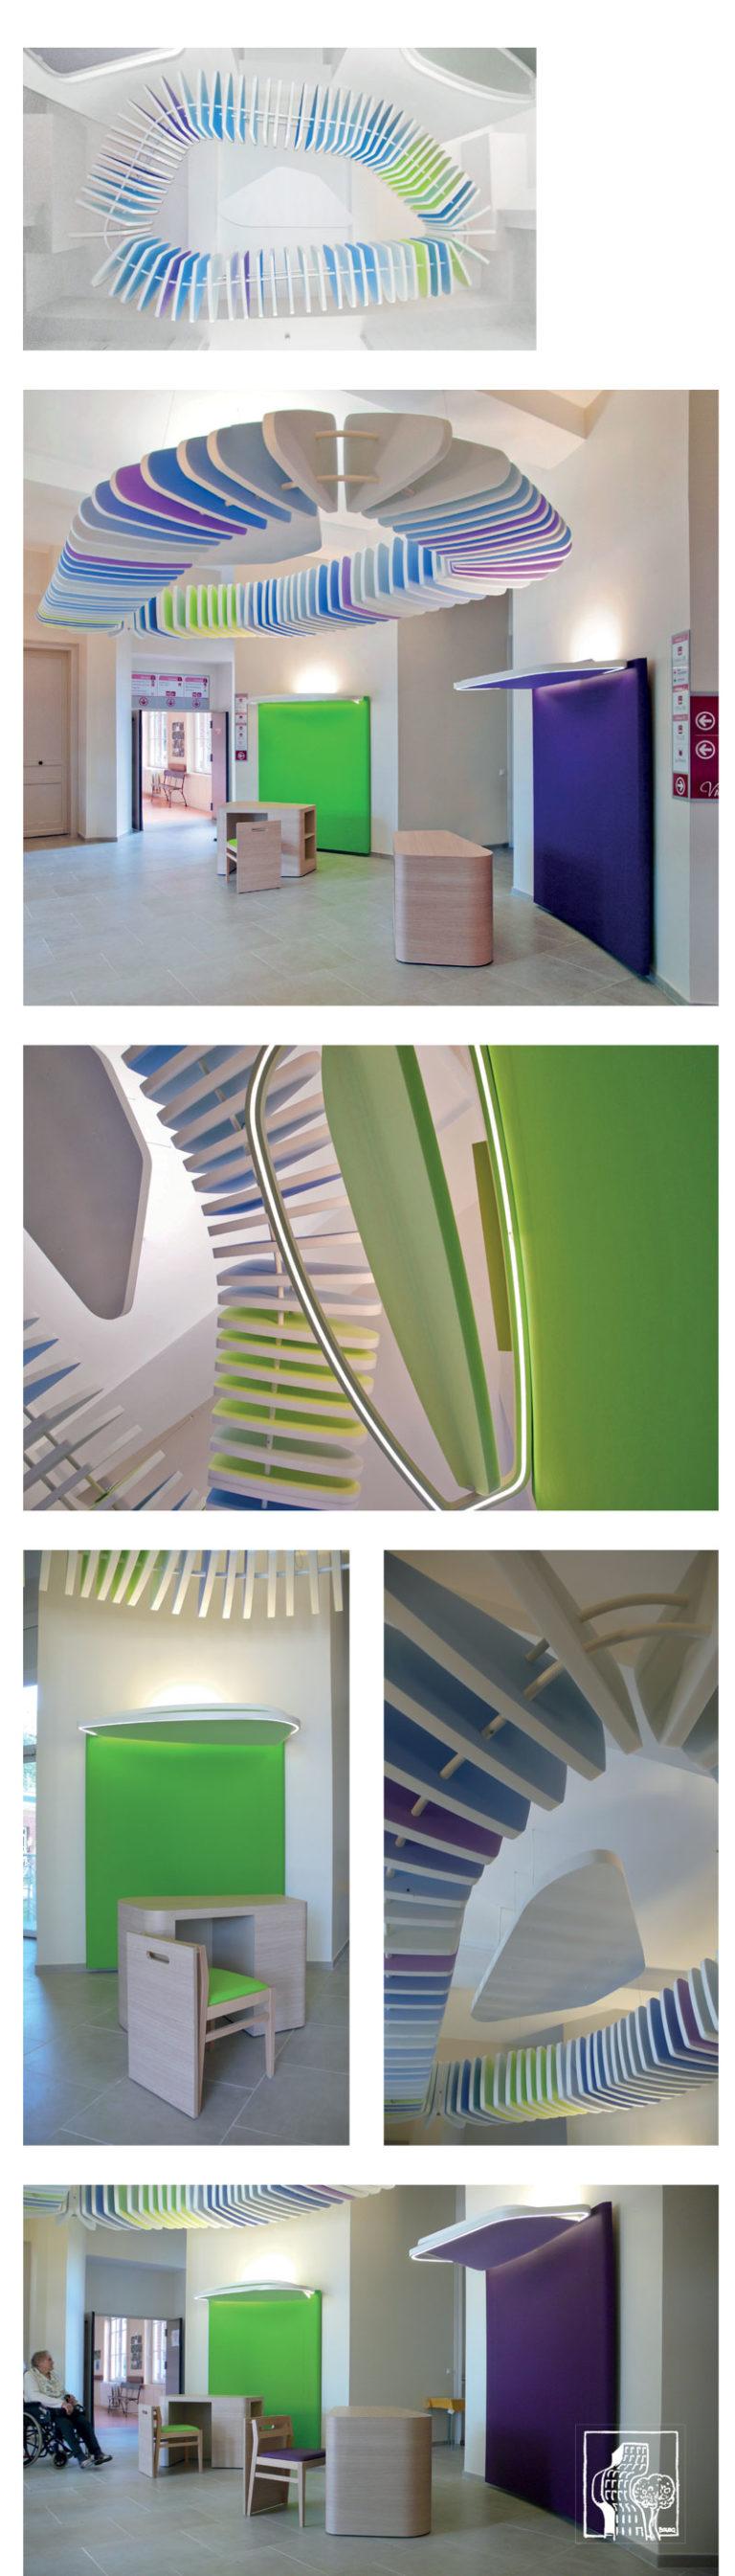 Elements architectural coloré et aerien pour améliorer l'accoustique d'un hall